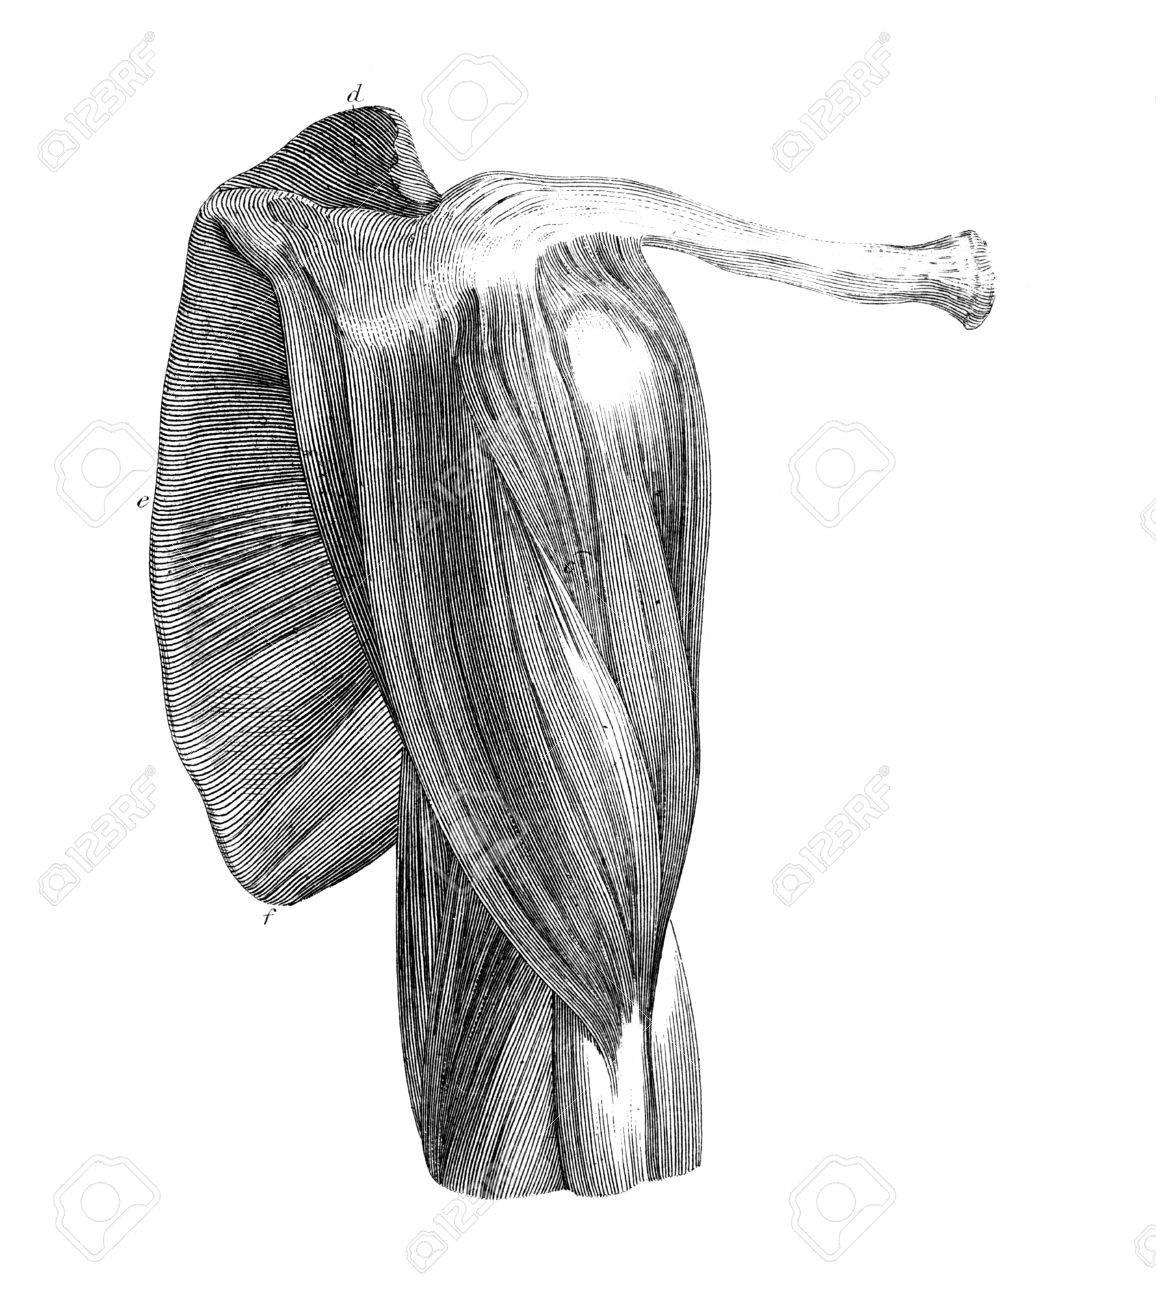 El Grabado De Estilo Victoriano De Los Músculos Del Hombro Humano ...